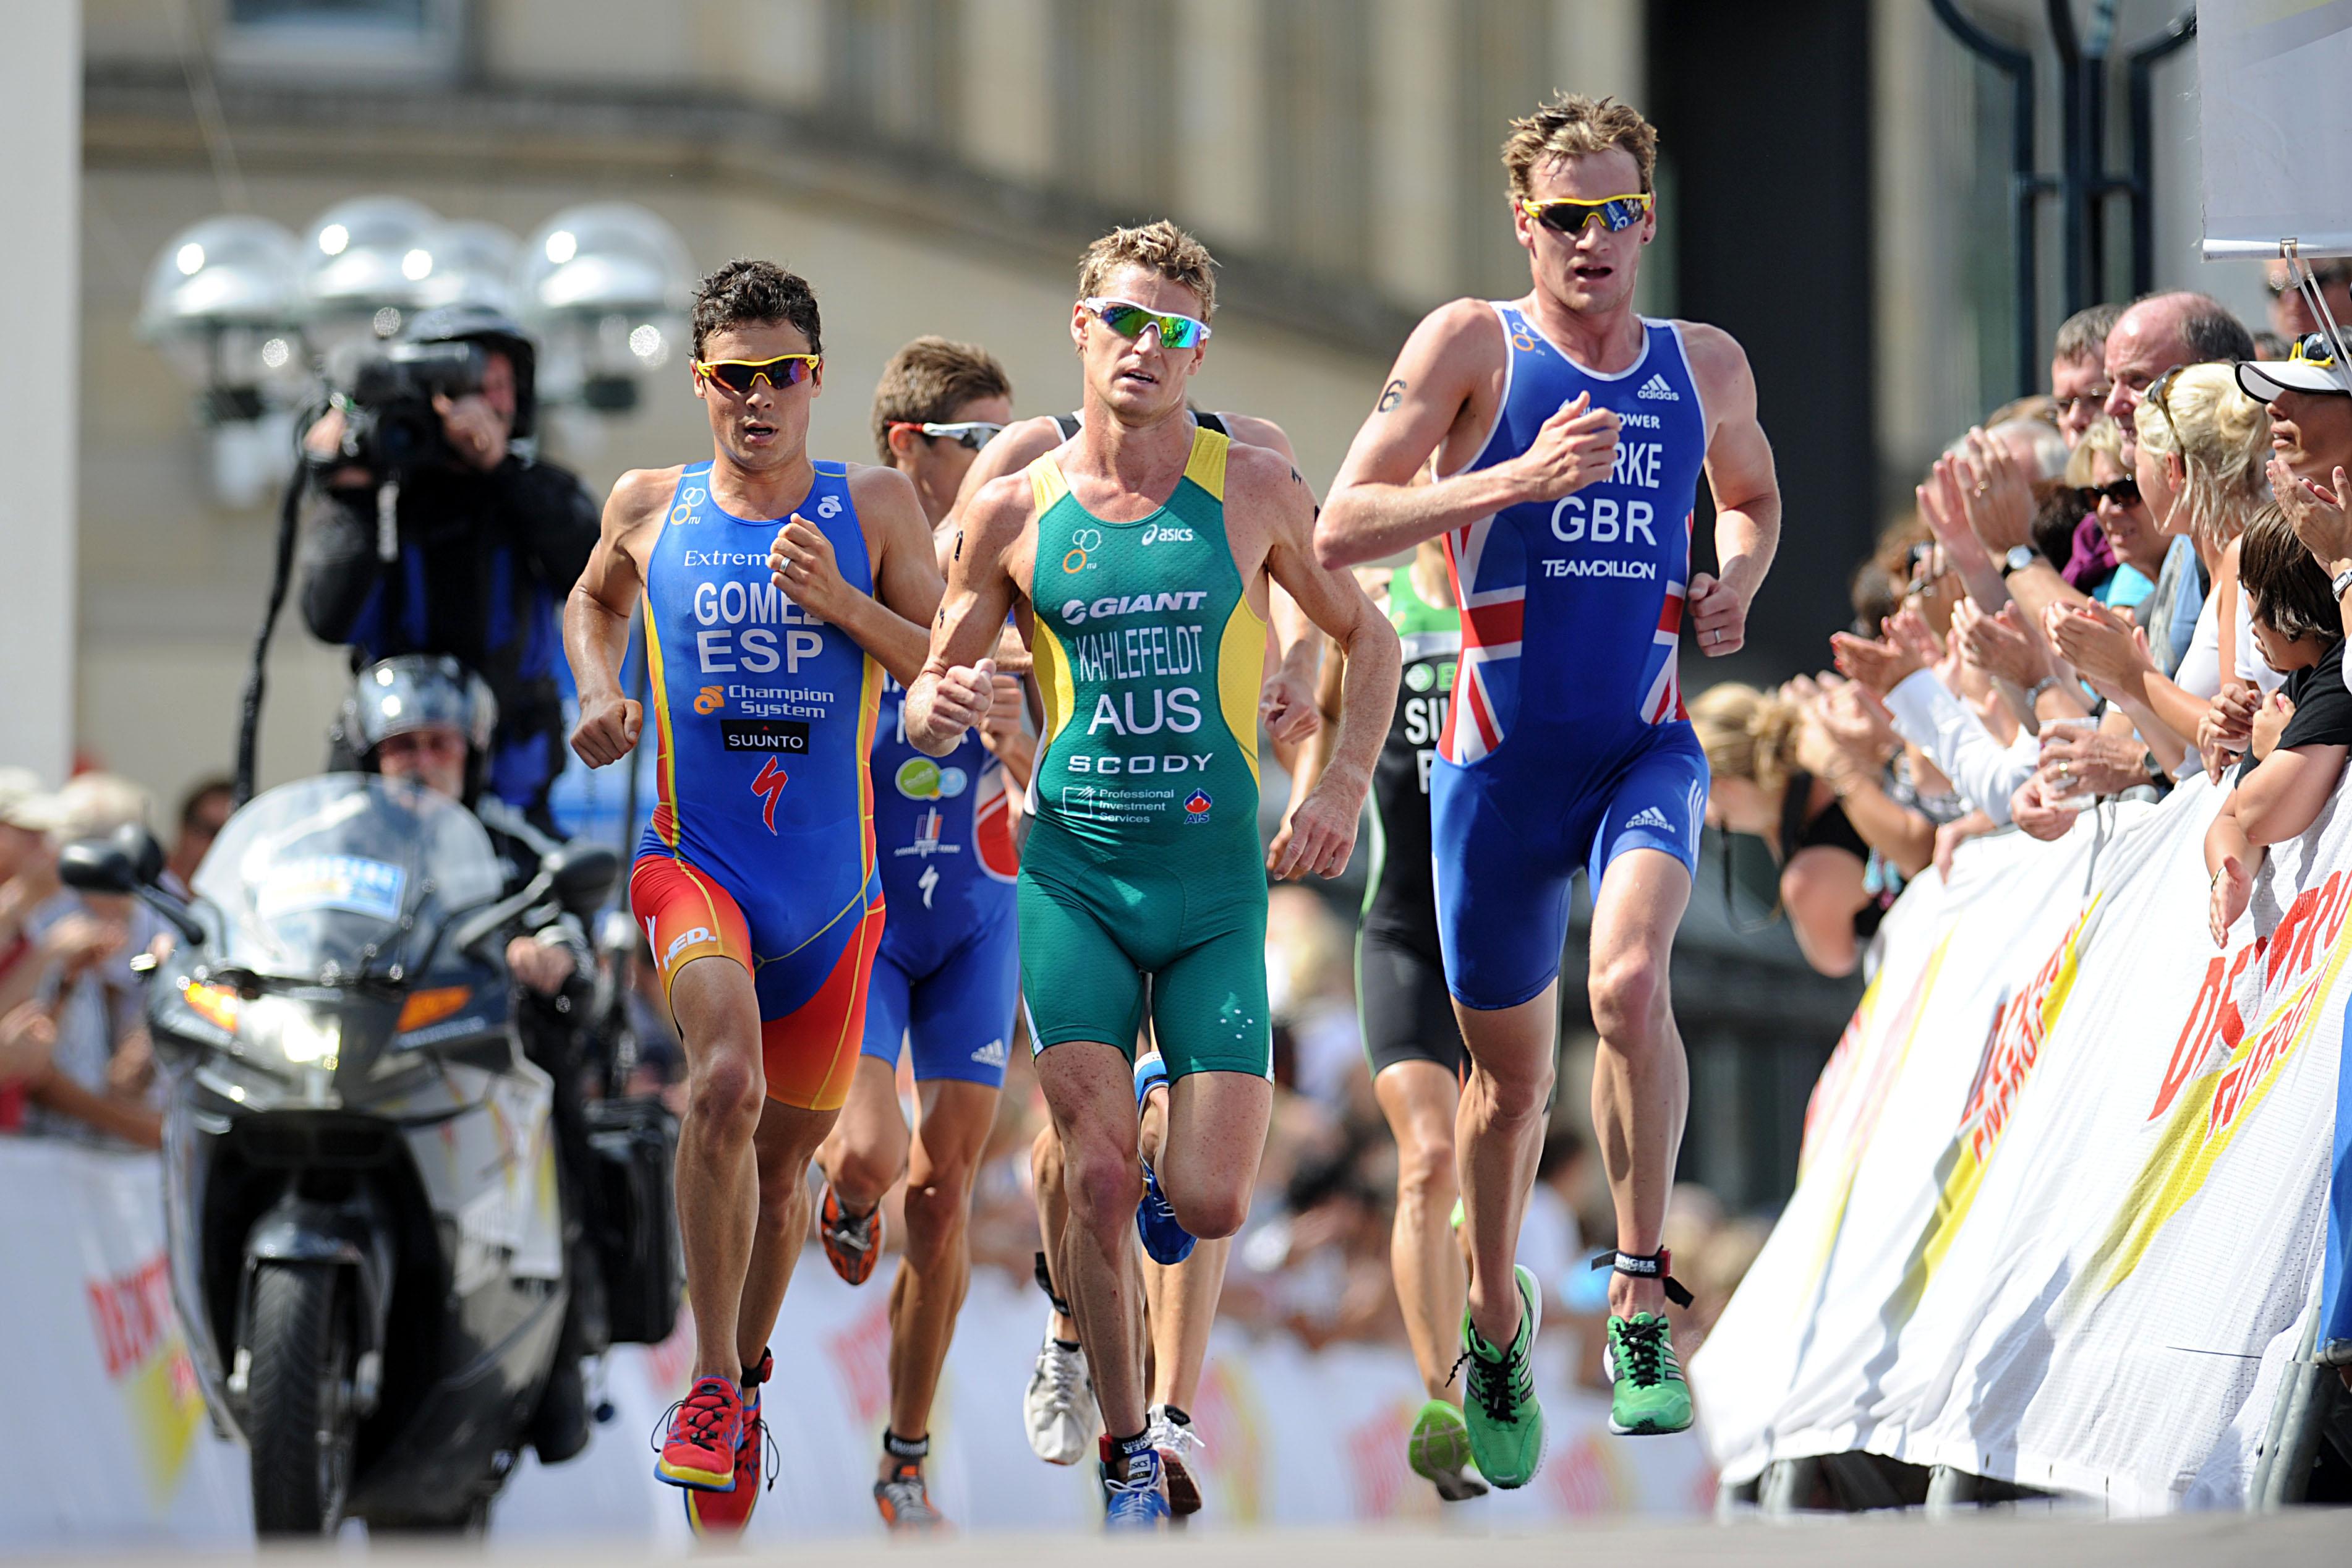 Триатлон: что это за вид спорта и какие бывают дистанции